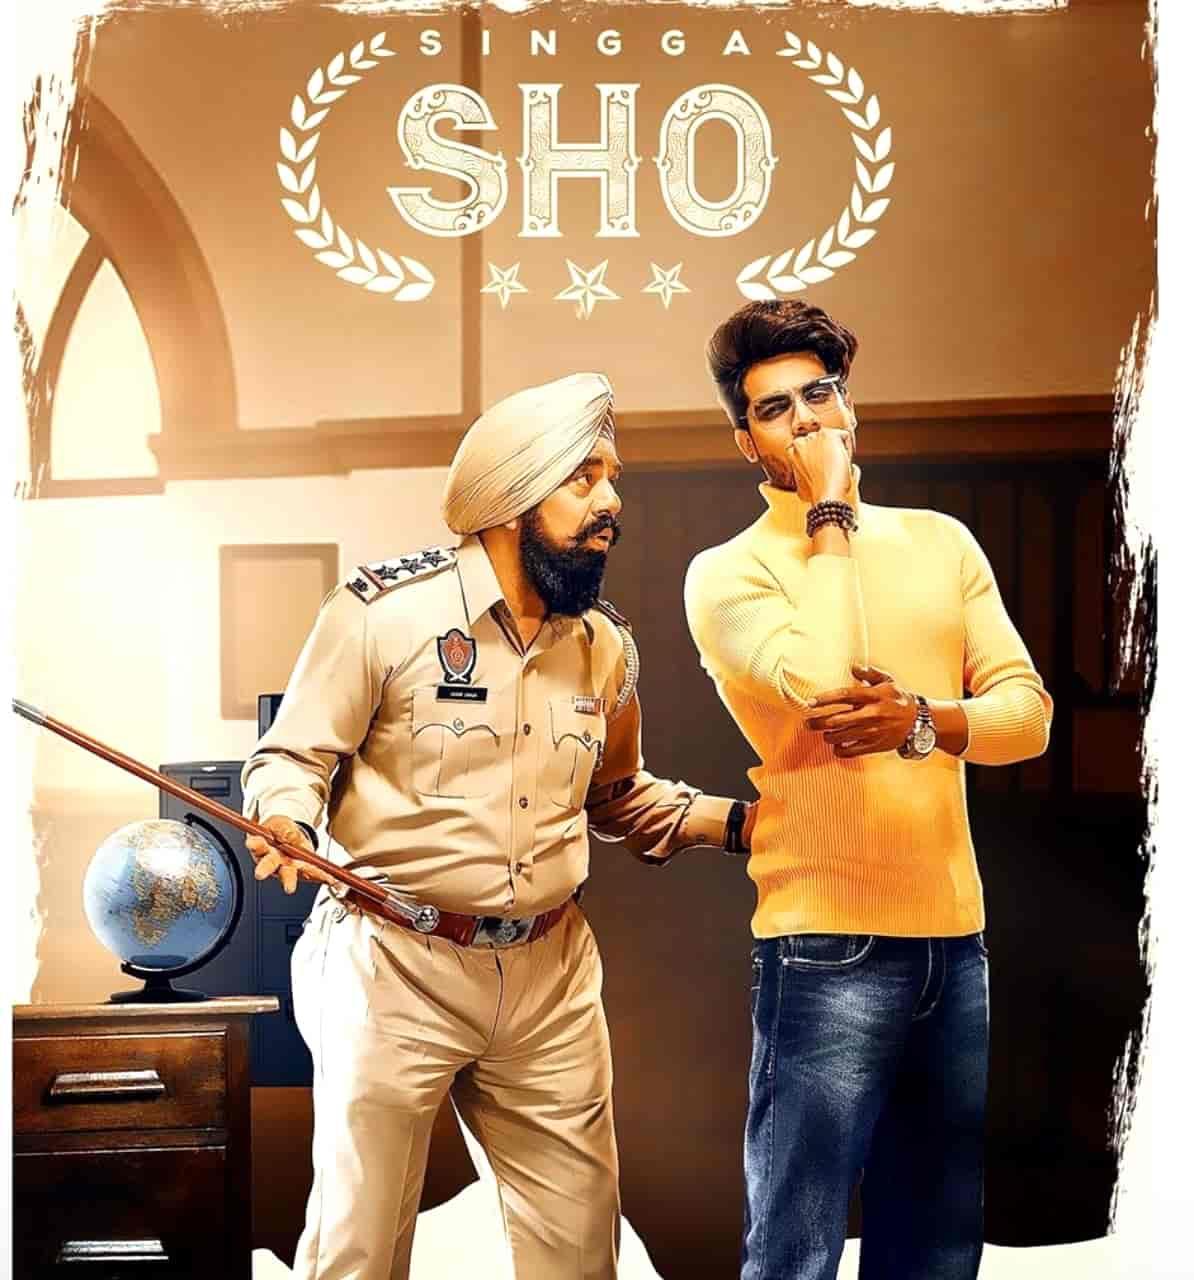 SHO Punjabi Song Lyrics Image By Singga